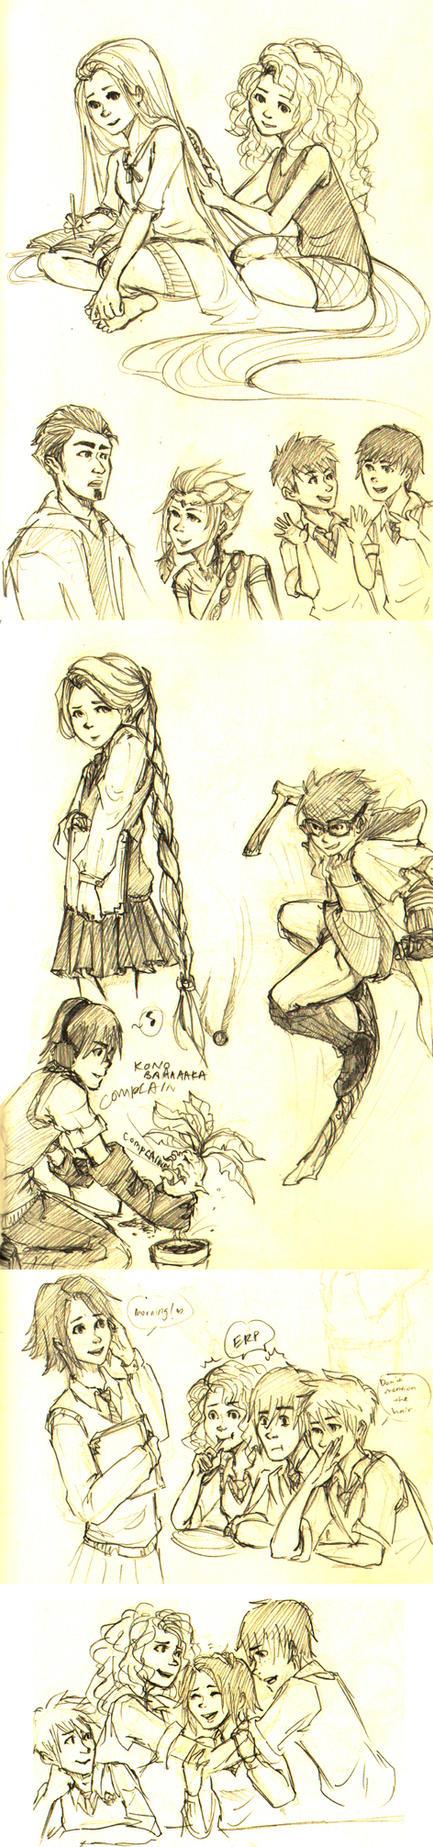 The Big Four: Sketch Dump 2 by ZLynn